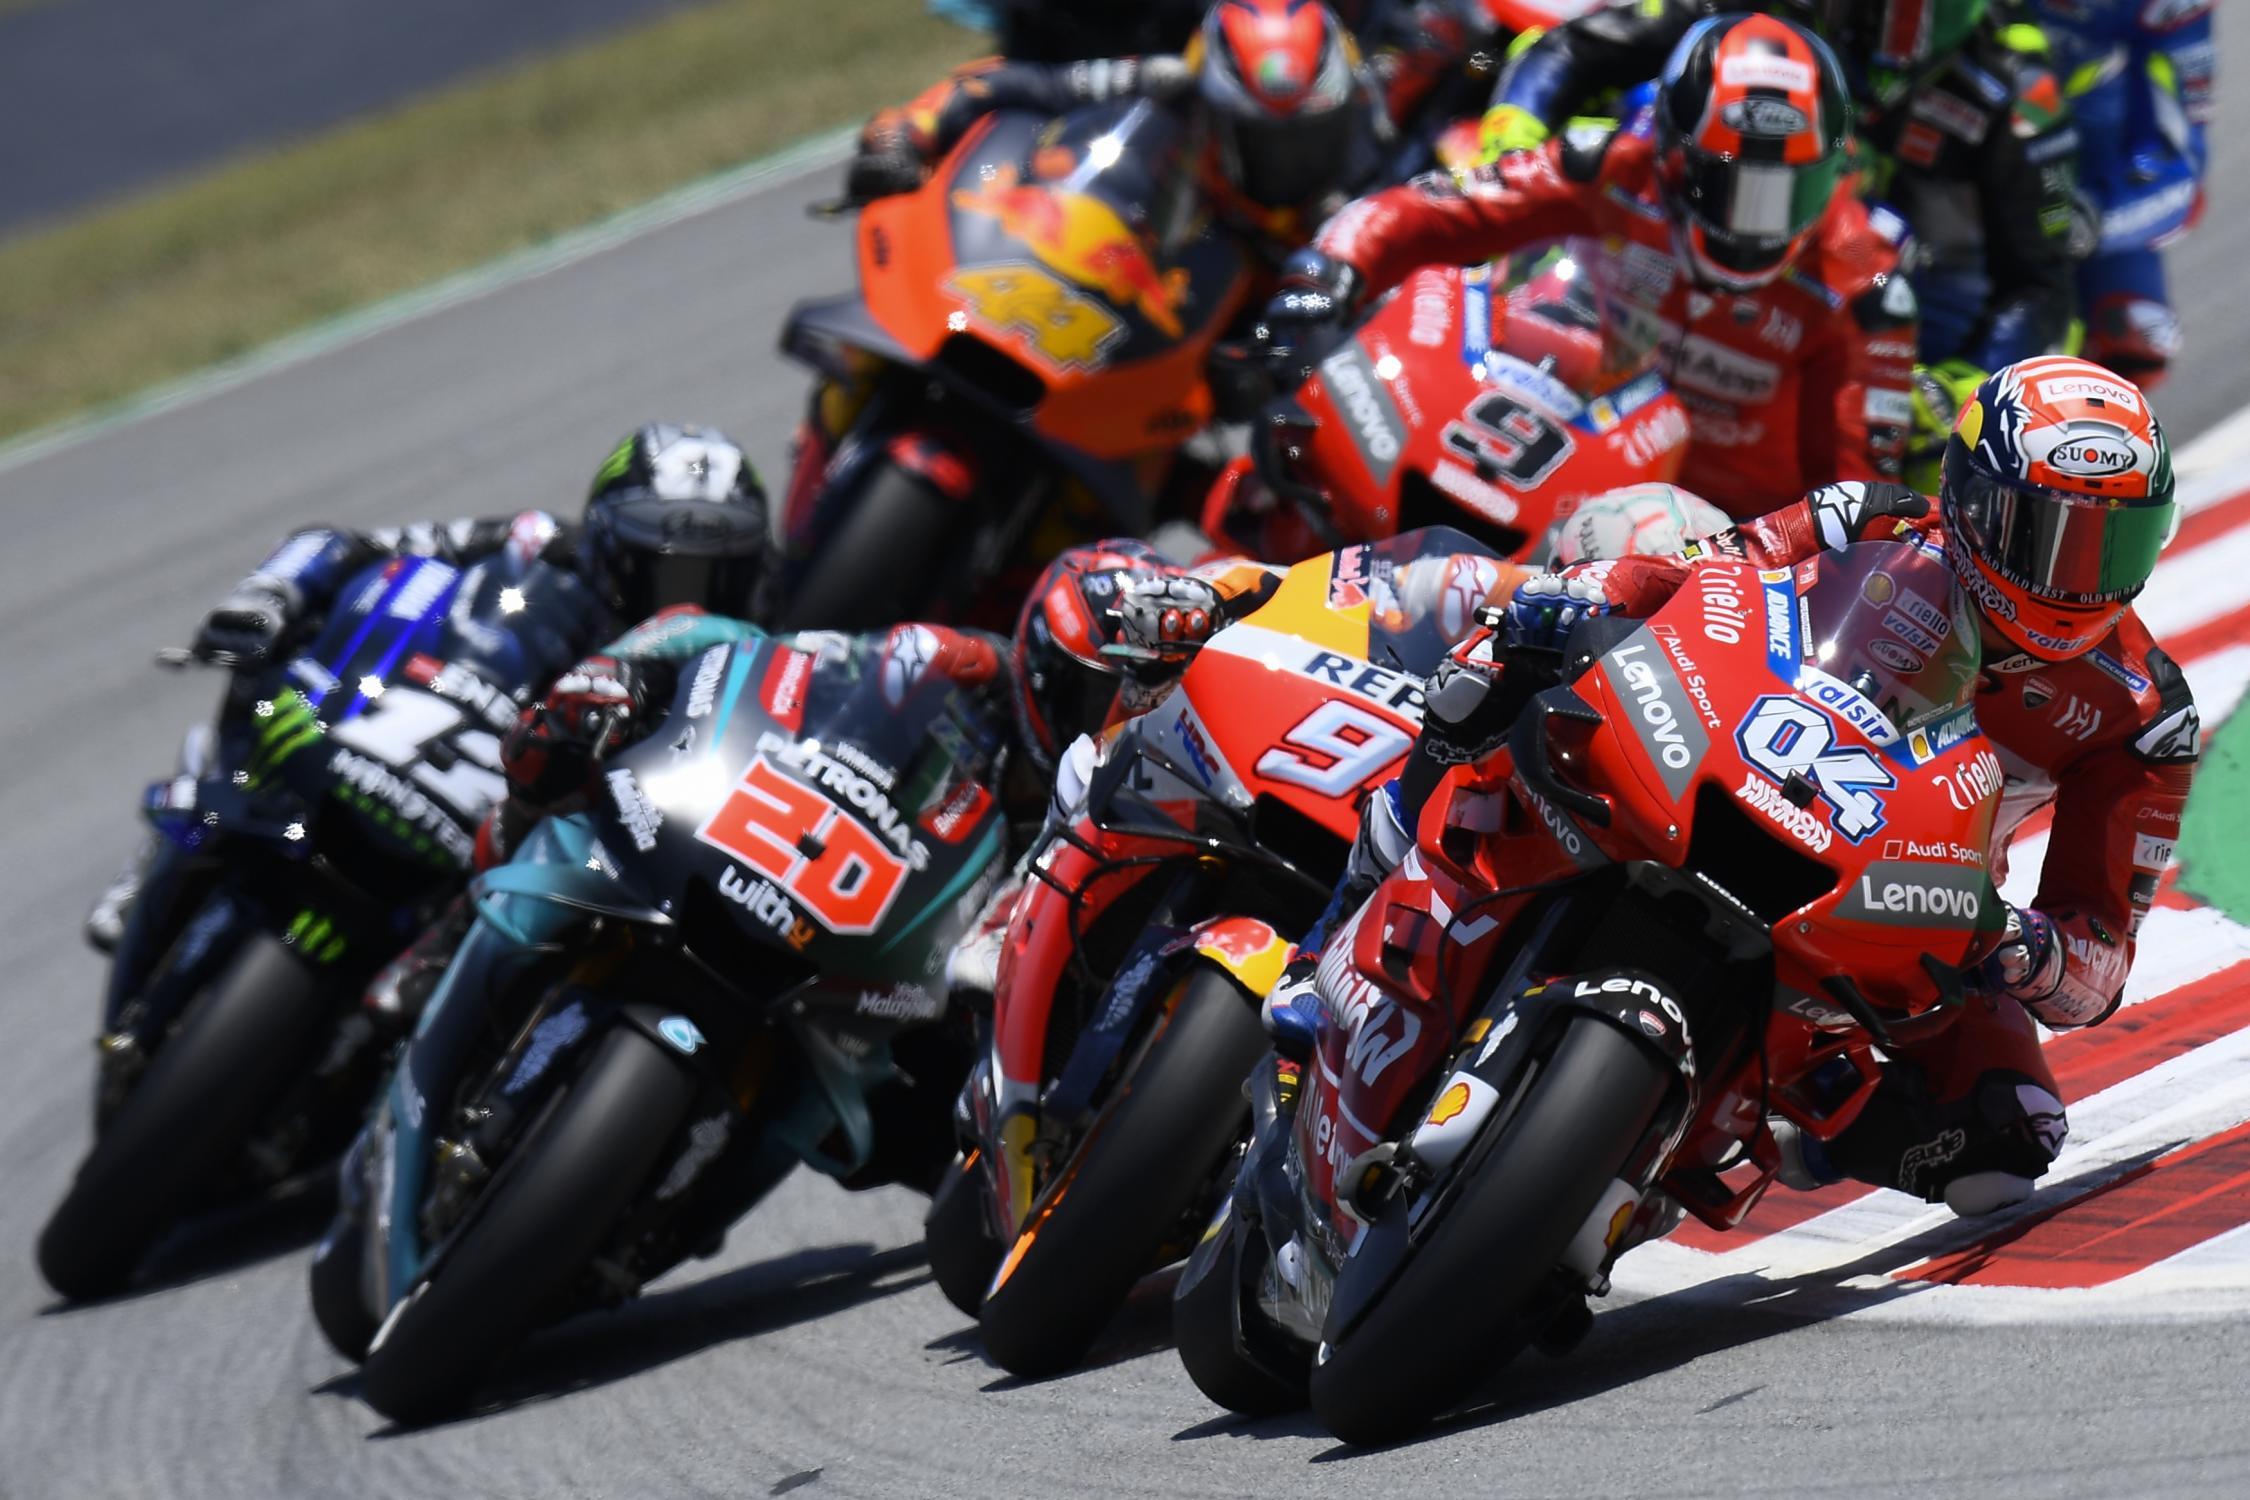 MotoGP 2019: Результаты Гран-При Каталонии